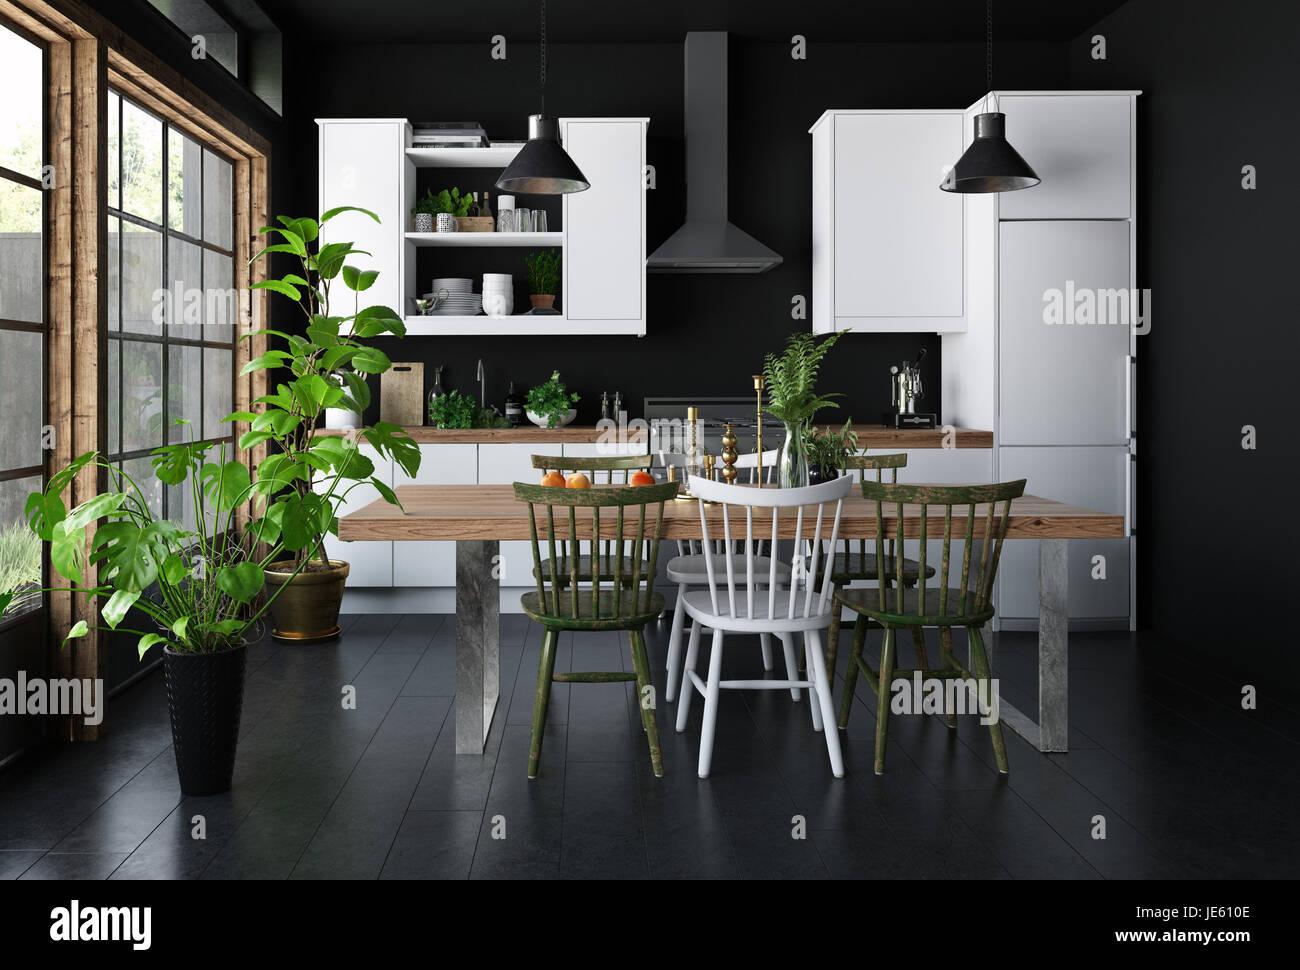 Arredamento Pavimento Scuro spaziosa cucina interno scuro concetto, con tavolo da pranzo